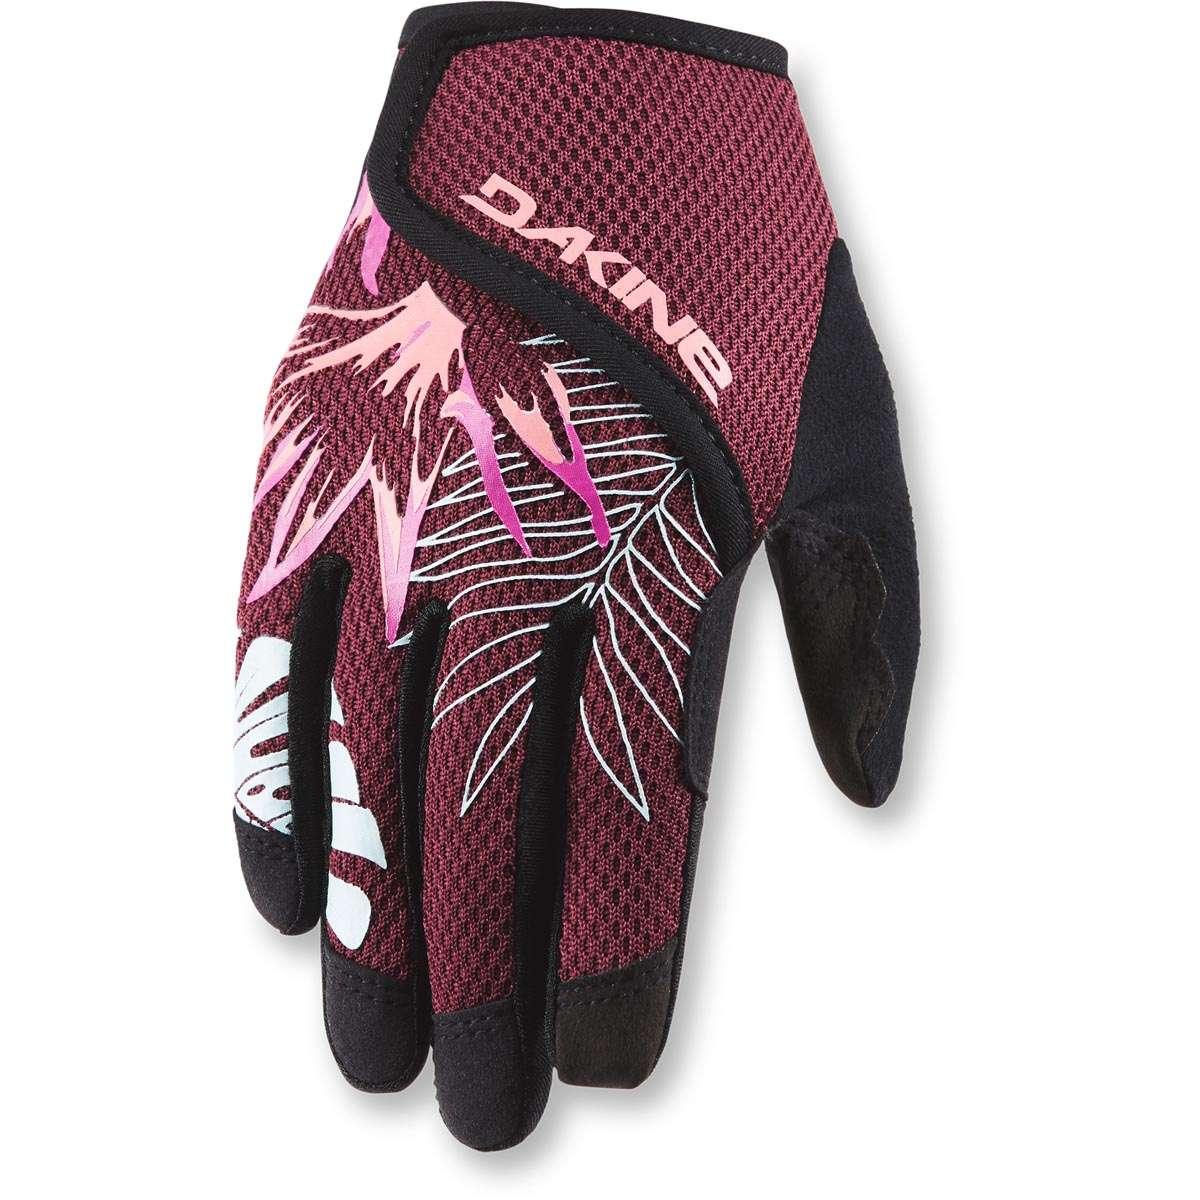 eb78713d23c Dakine Prodigy Kids Glove Bike Gloves Waikiki | Dakine Shop